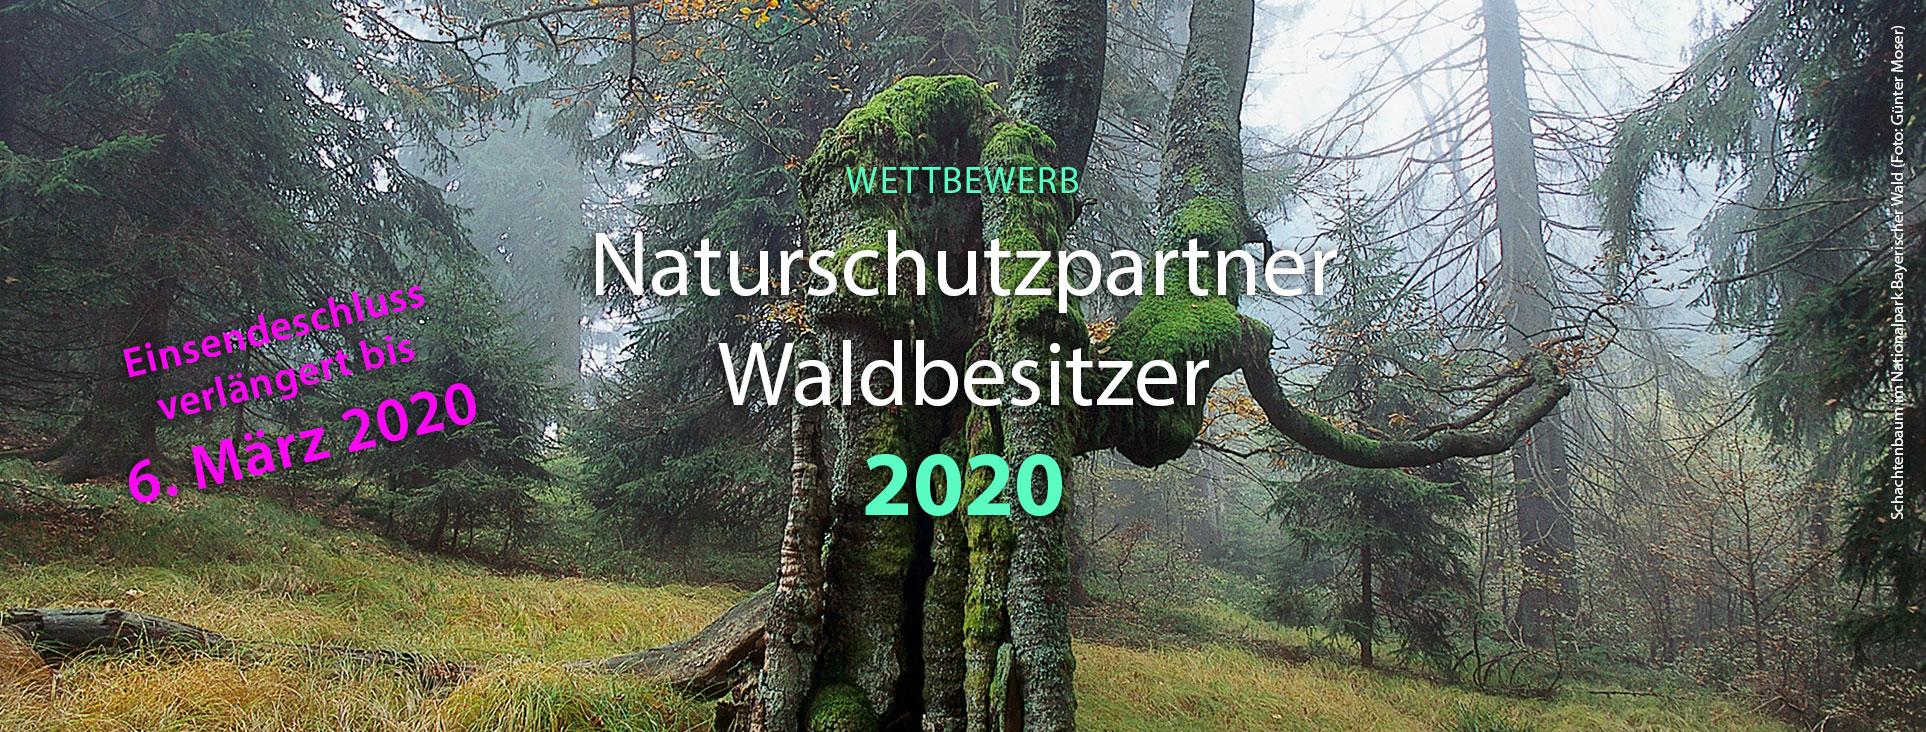 Schachtenbaum in nebeliger Waldstimmung.